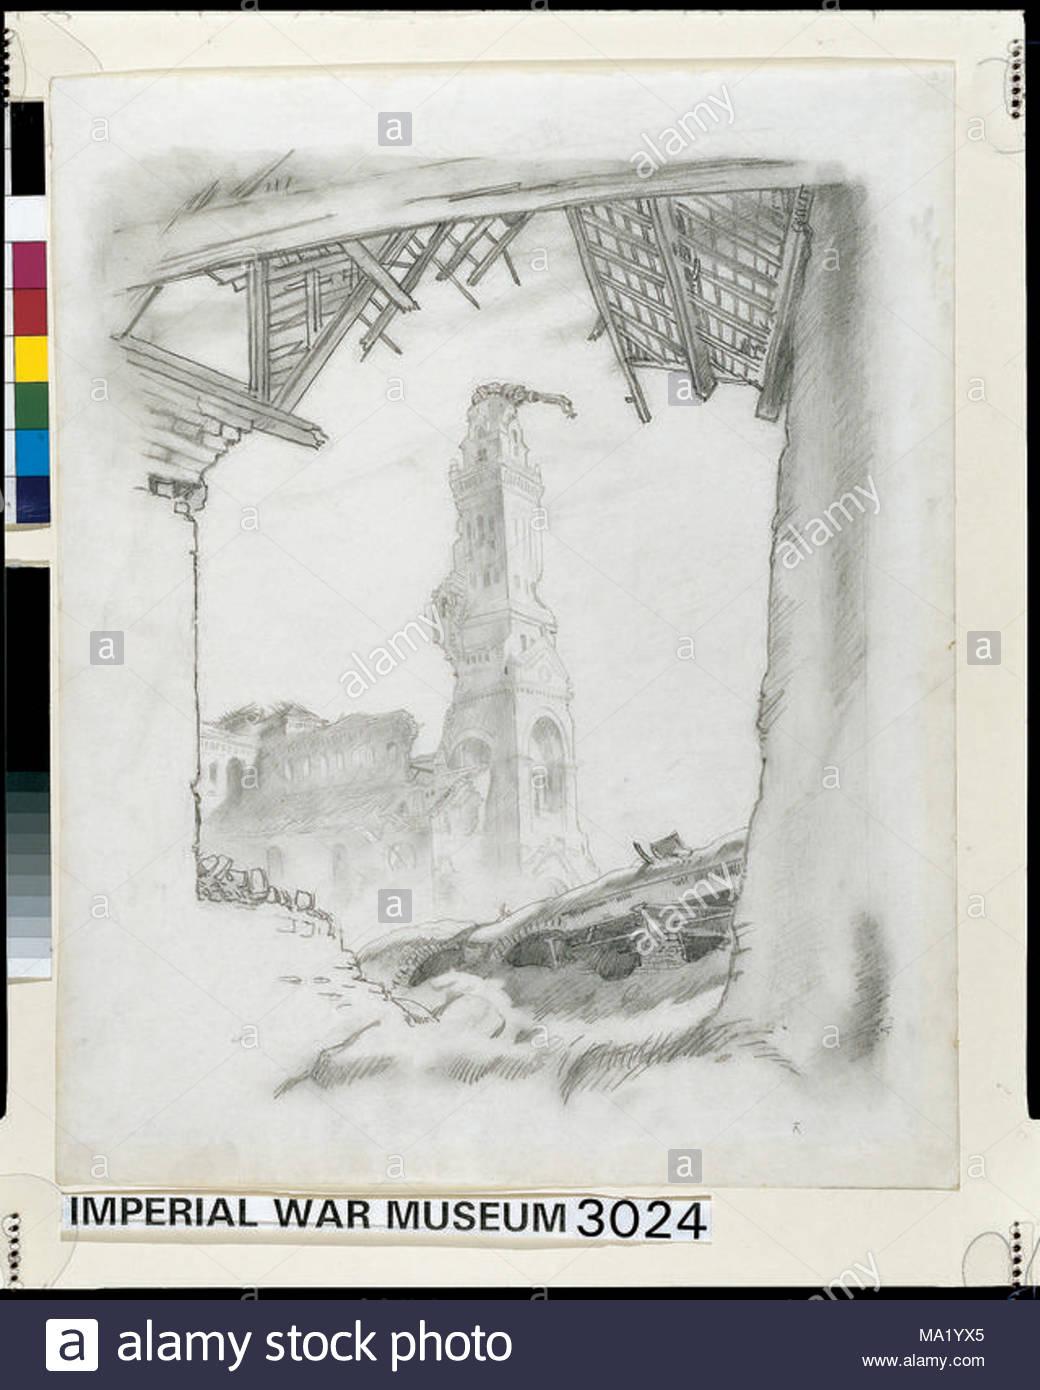 Albert imagen: un montón de escombros yace en el primer plano de la ...